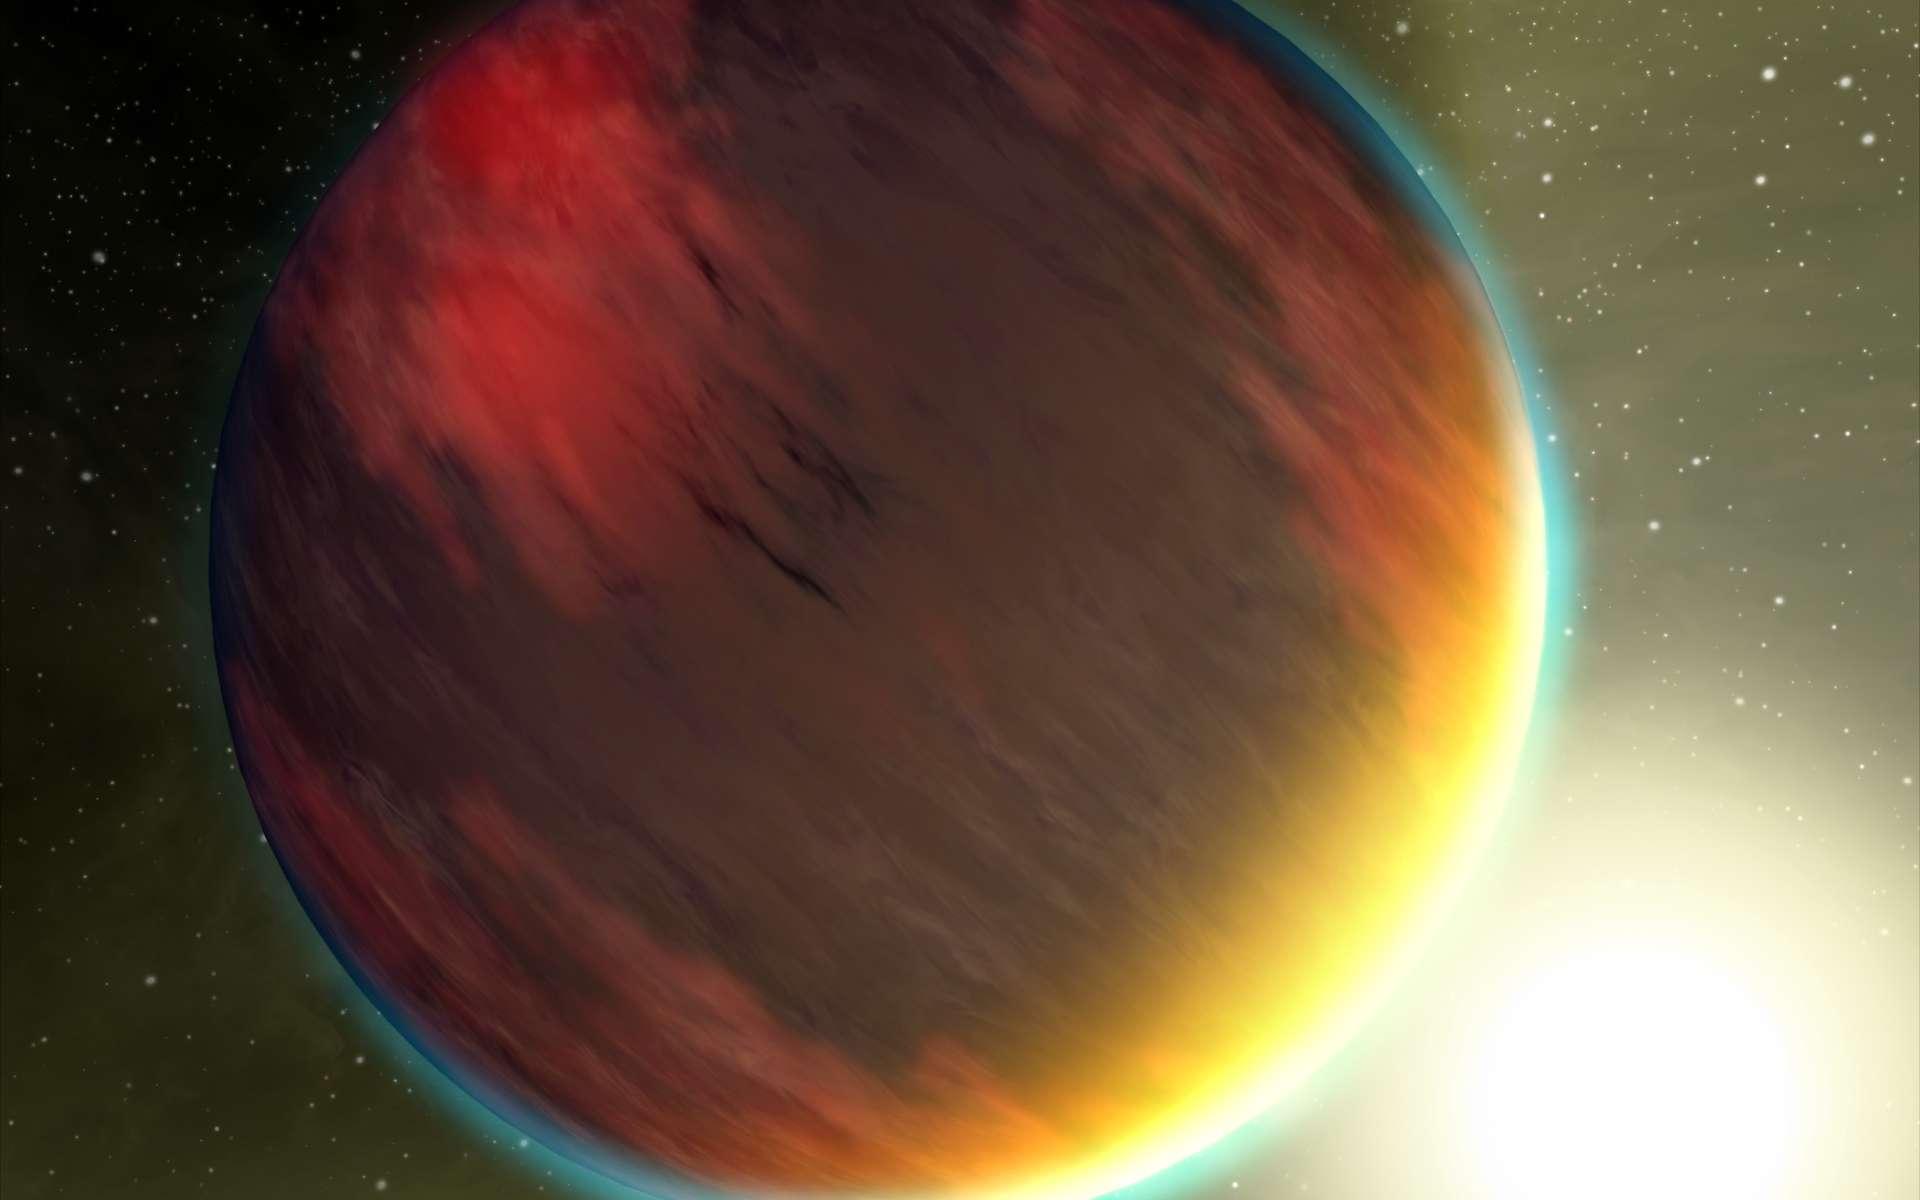 L'exoplanète HD 209458b, ou Osiris, dessinée par un artiste. Cette géante gazeuse est si proche de son étoile, dont elle fait le tour en trois jours et demi, que son atmosphère est aspirée. A l'intérieur figurent des molécules qui, sur Terre, font partie de la chimie du vivant et que les télescopes spatiaux avec des instruments sensibles à l'infrarouge peuvent détecter. © Nasa/JPL/Caltech